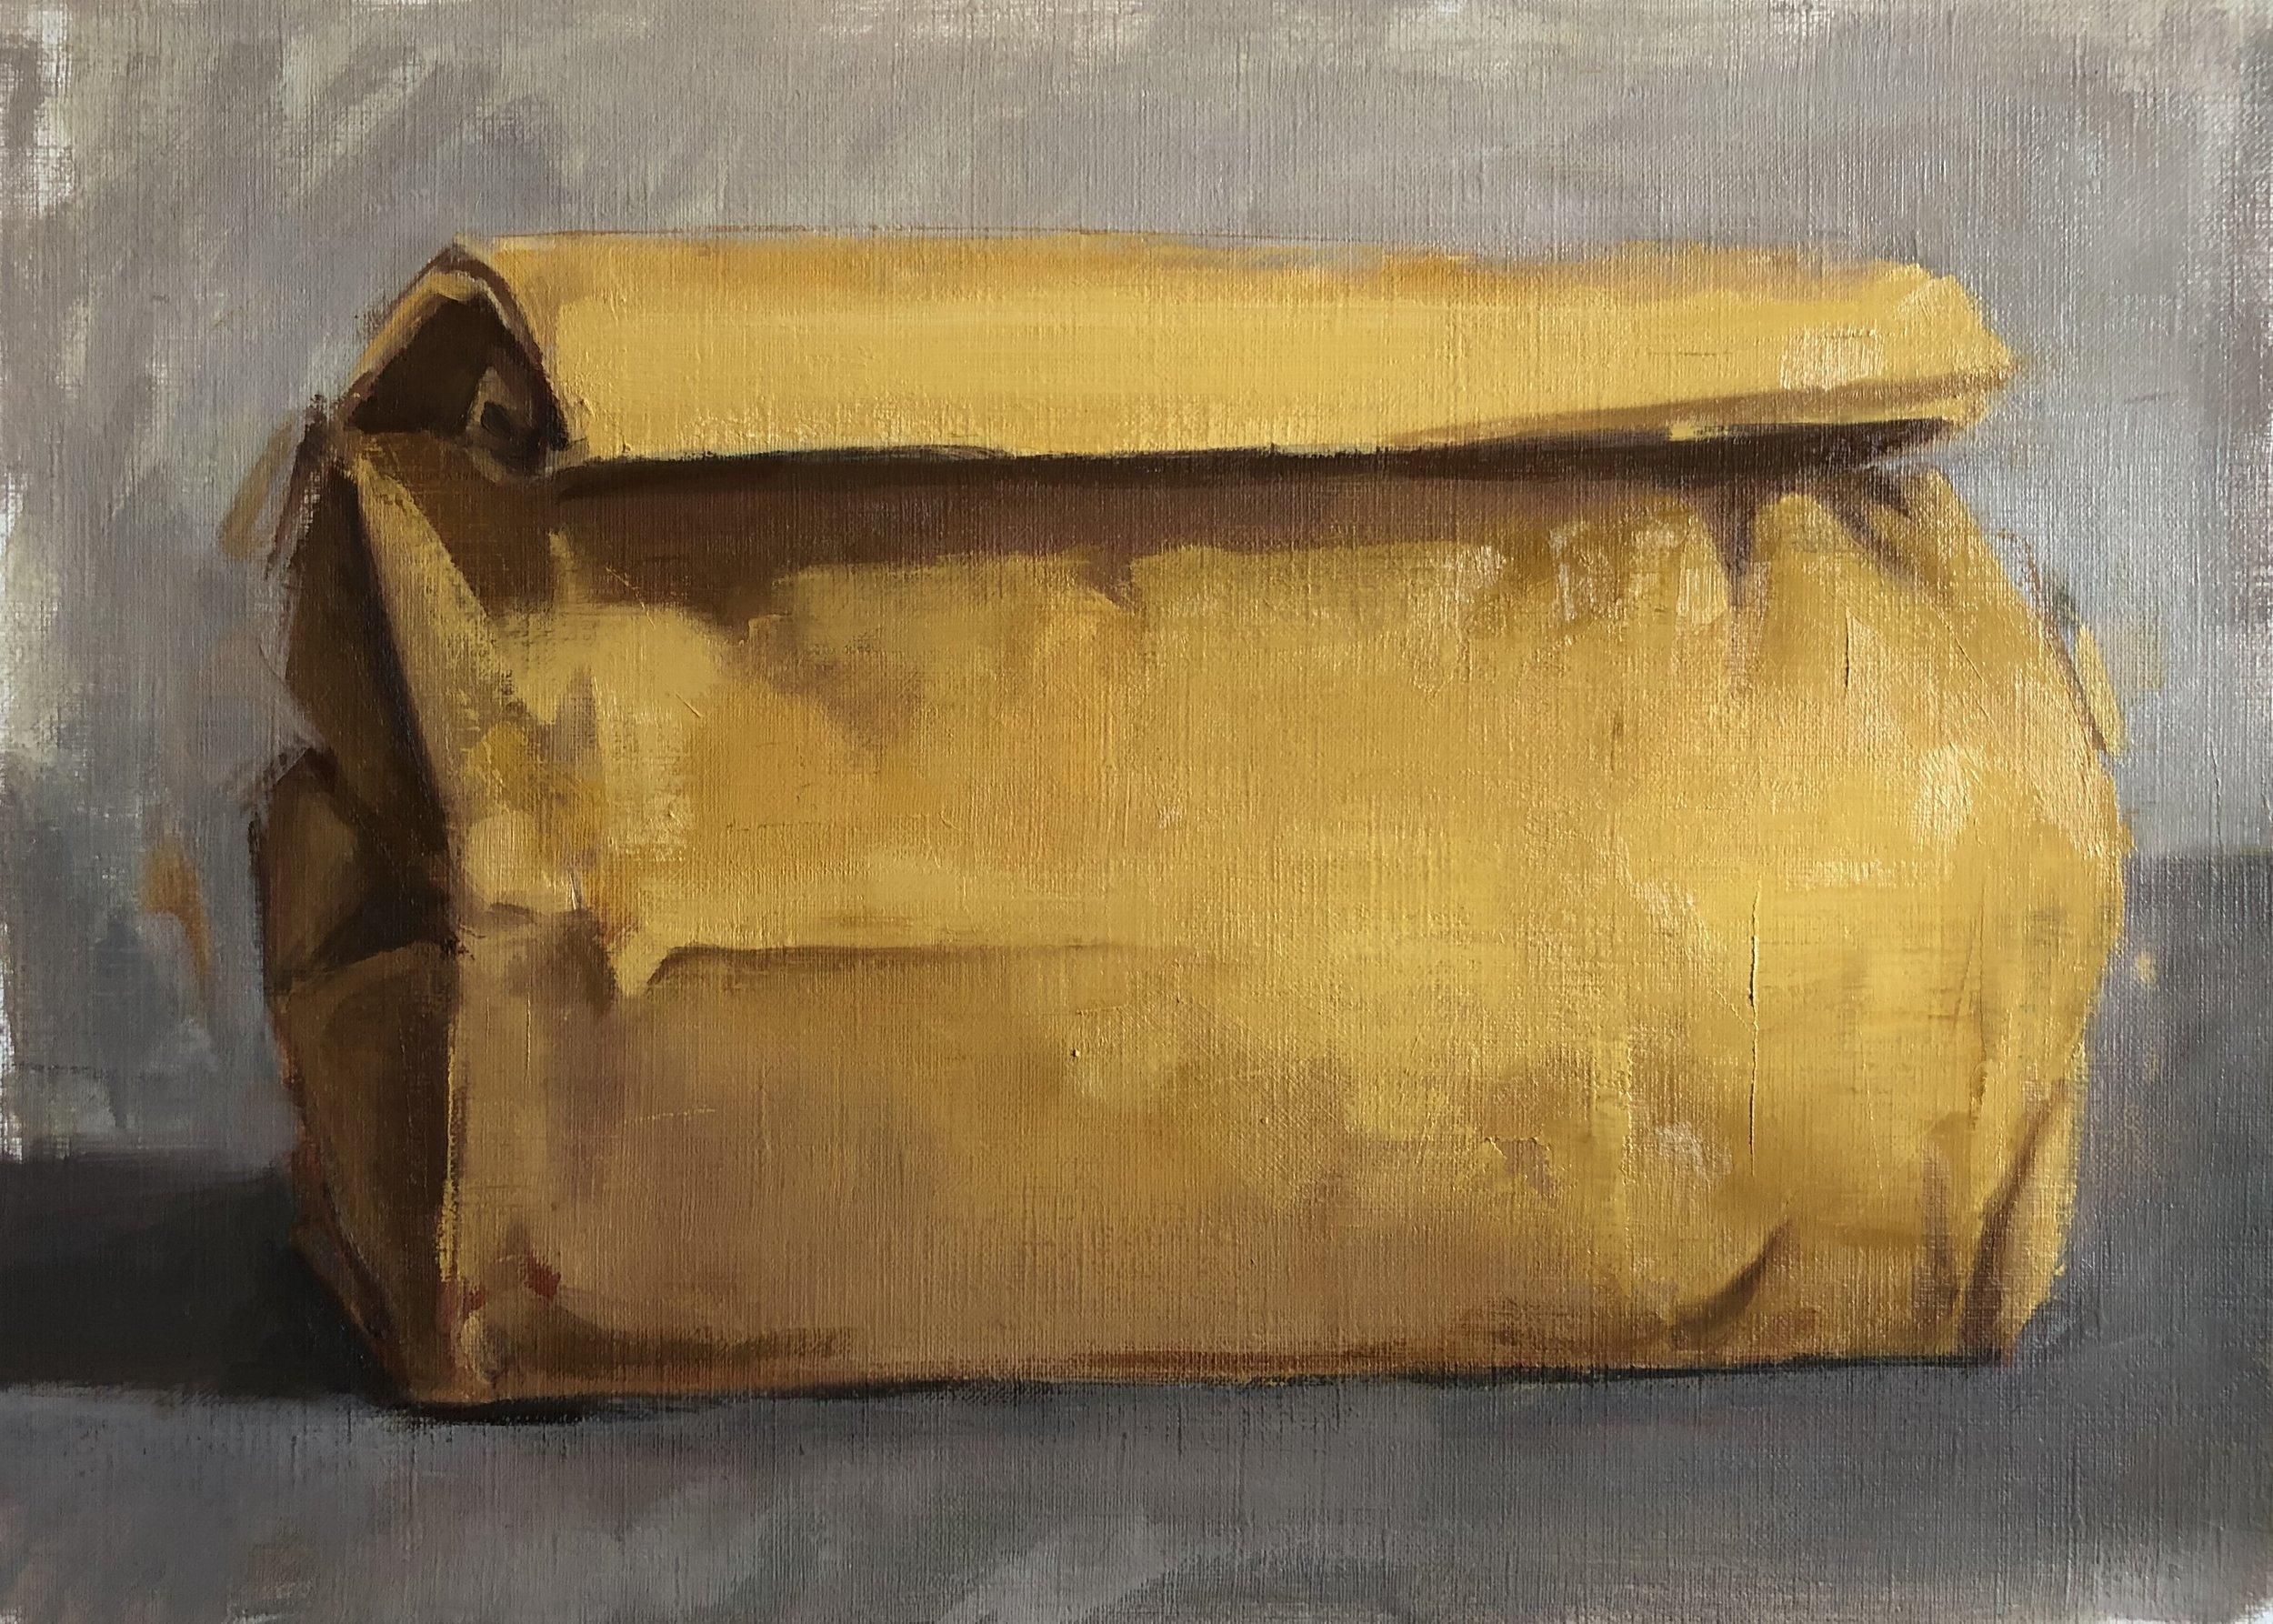 Paper Bag #6